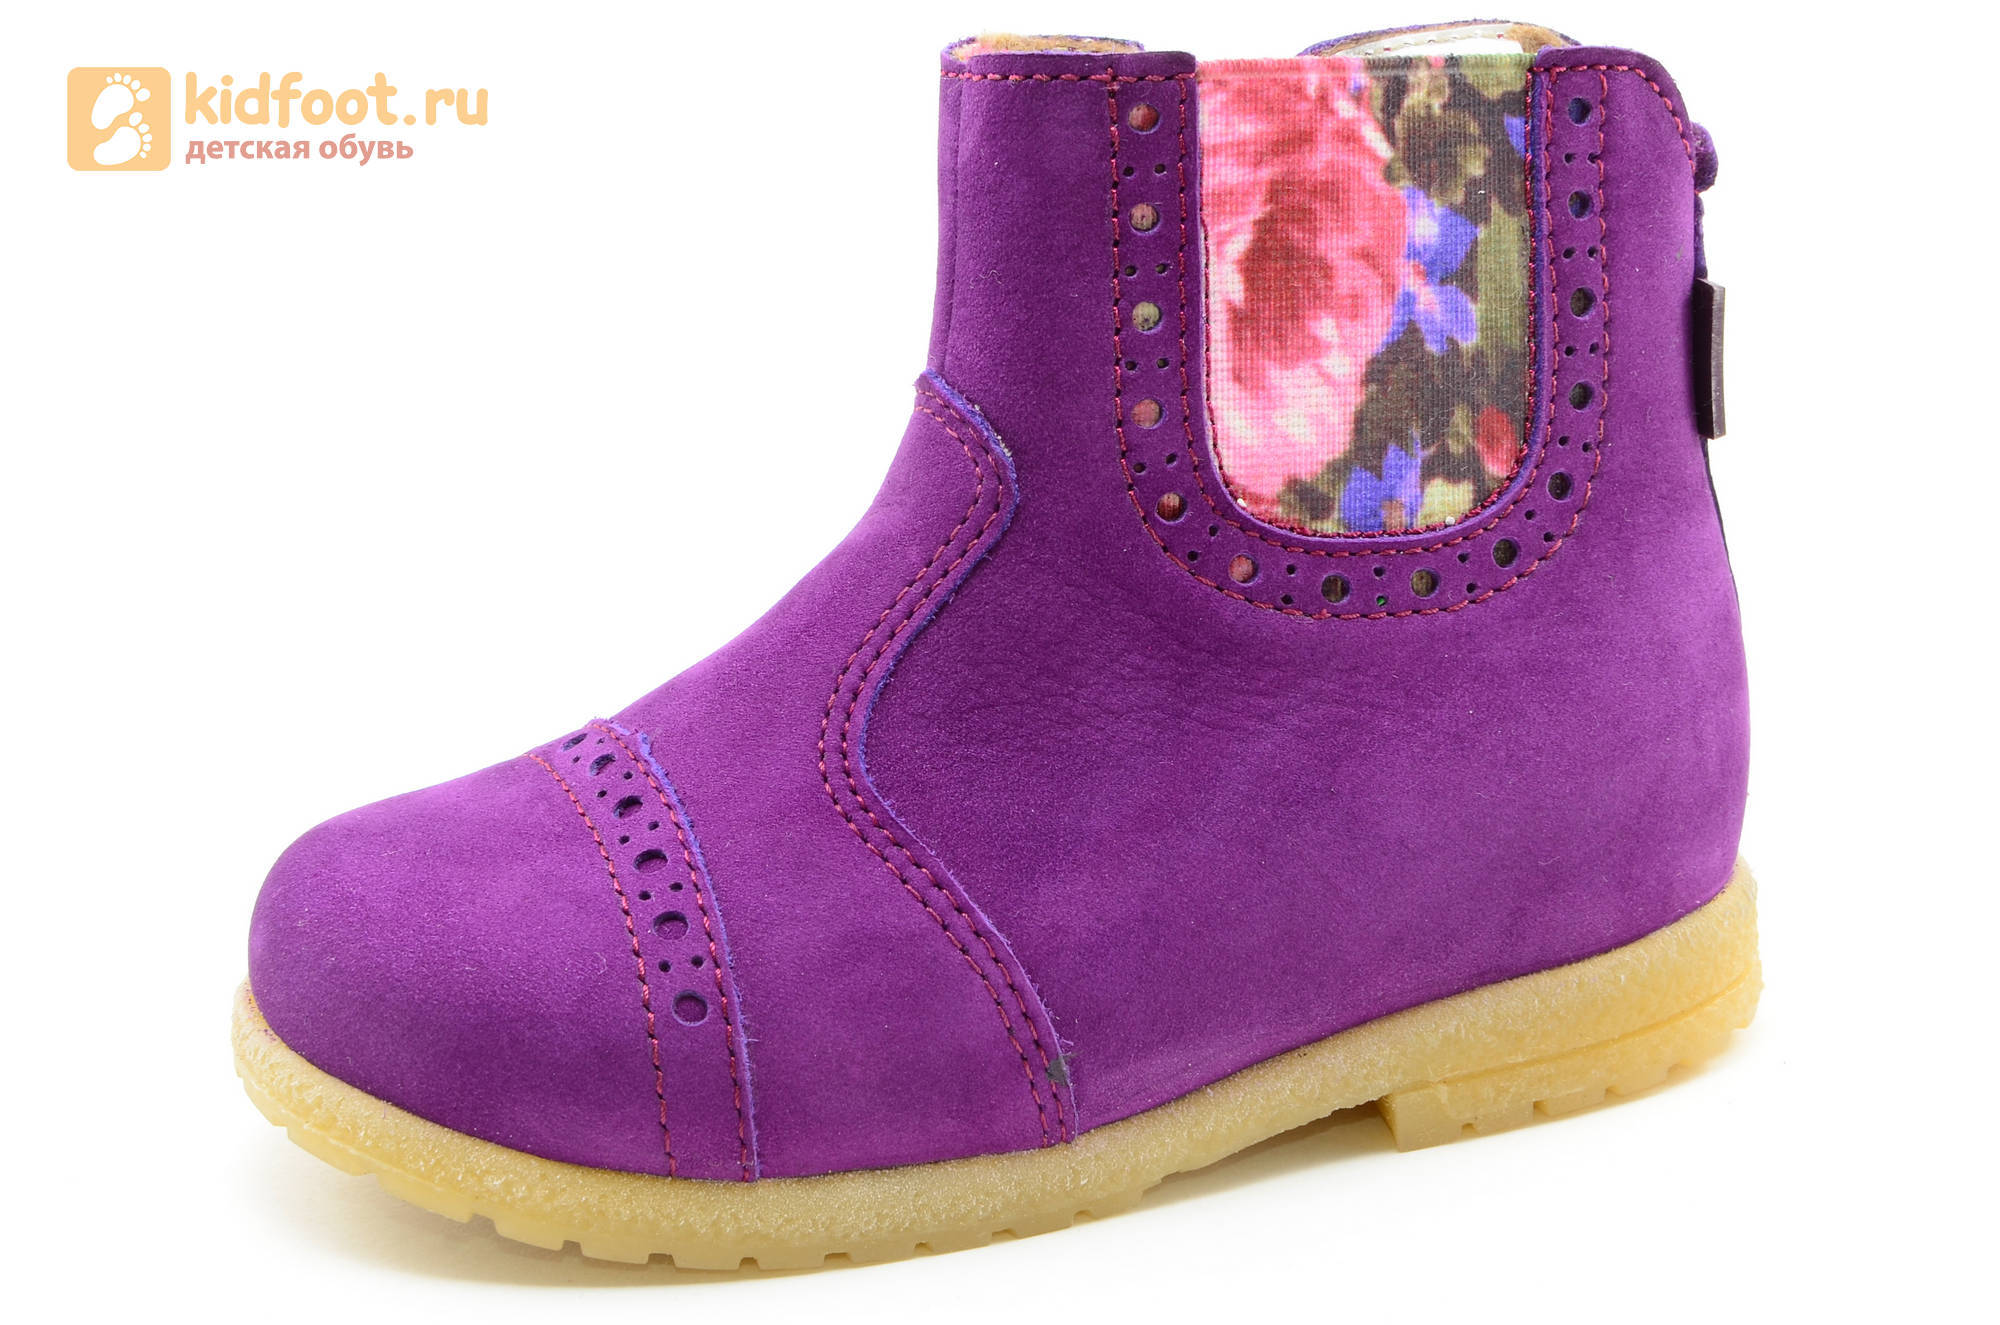 fe1970e3f Полусапожки демисезонные для девочек Лель (LEL) из натуральной кожи на  байке, цвет фиолетовый ...